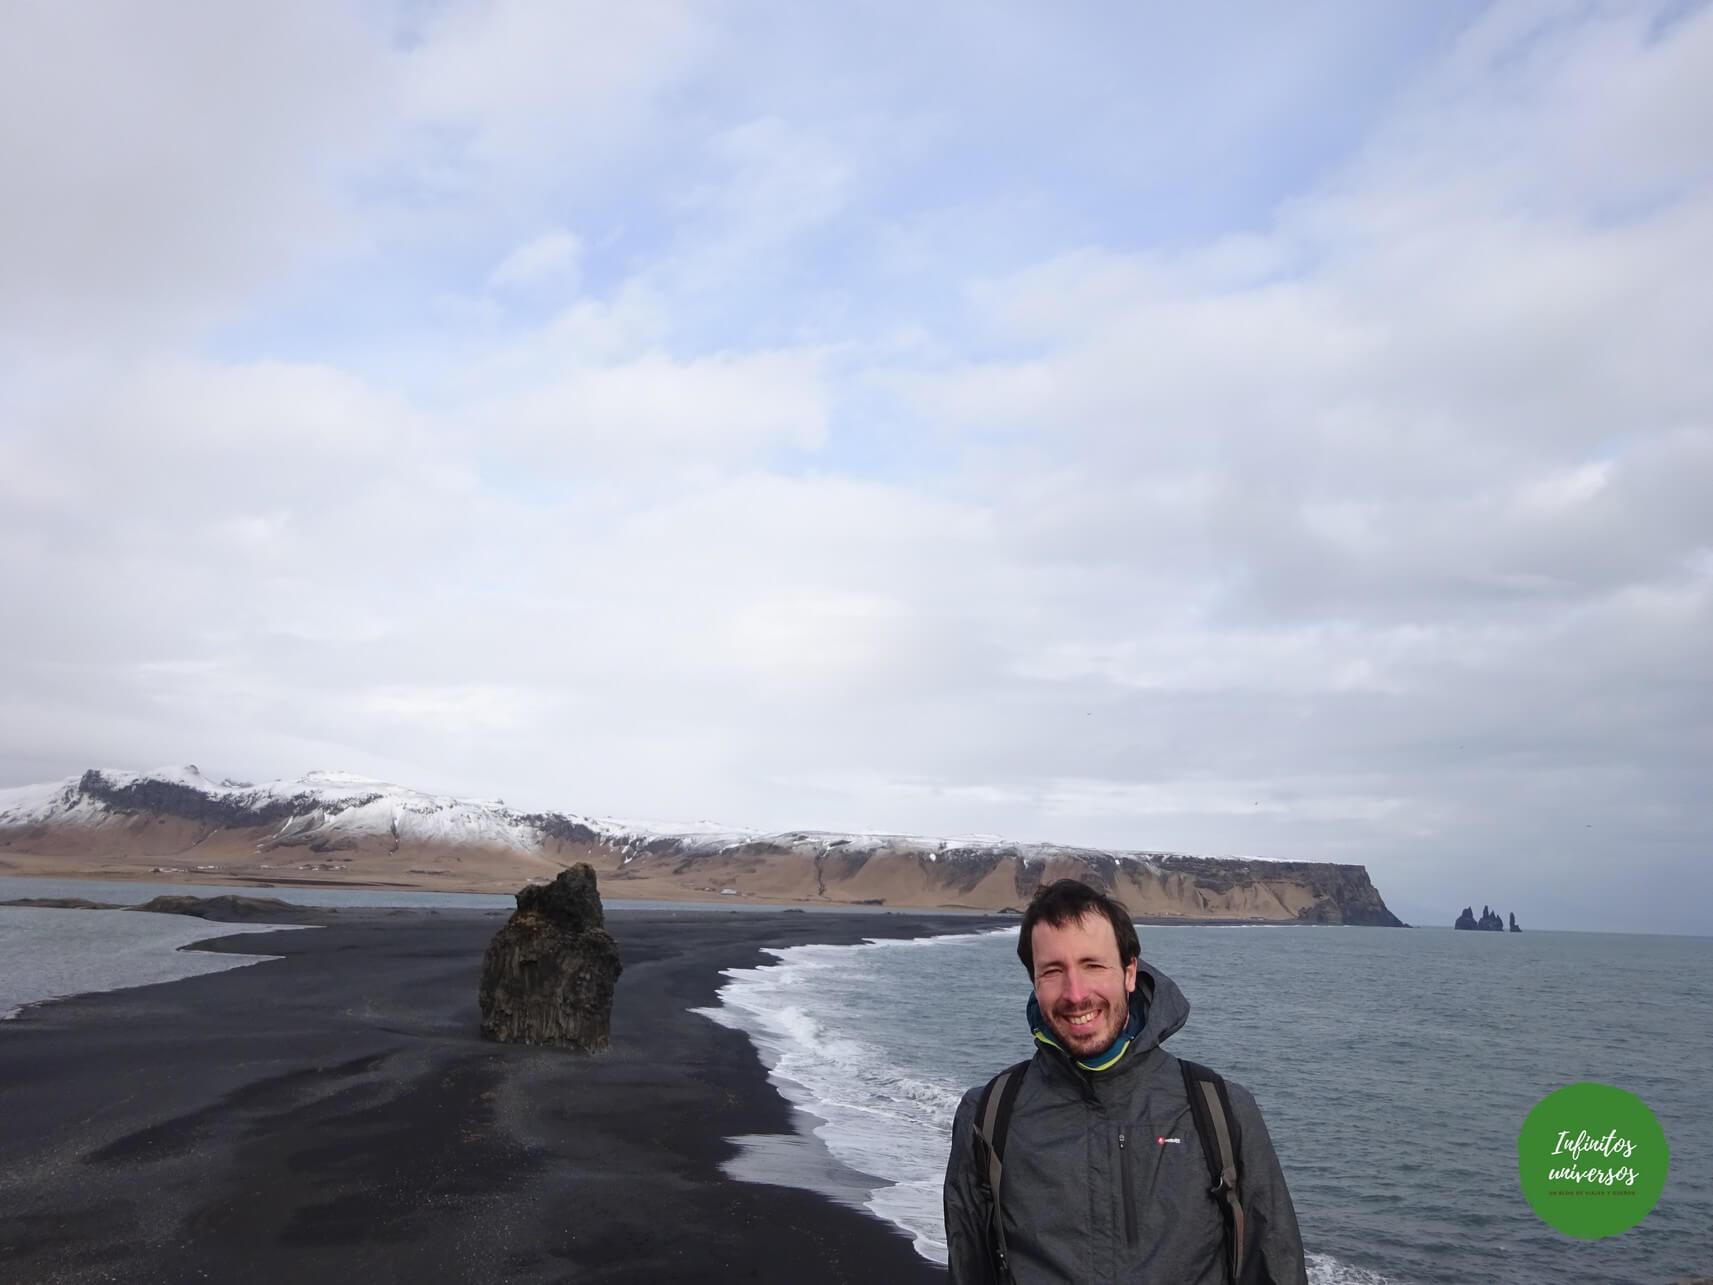 Qué ver en Vik: acantilado Dyrhólaey y la playa de arena negra Reynisfjara dyrhólaey